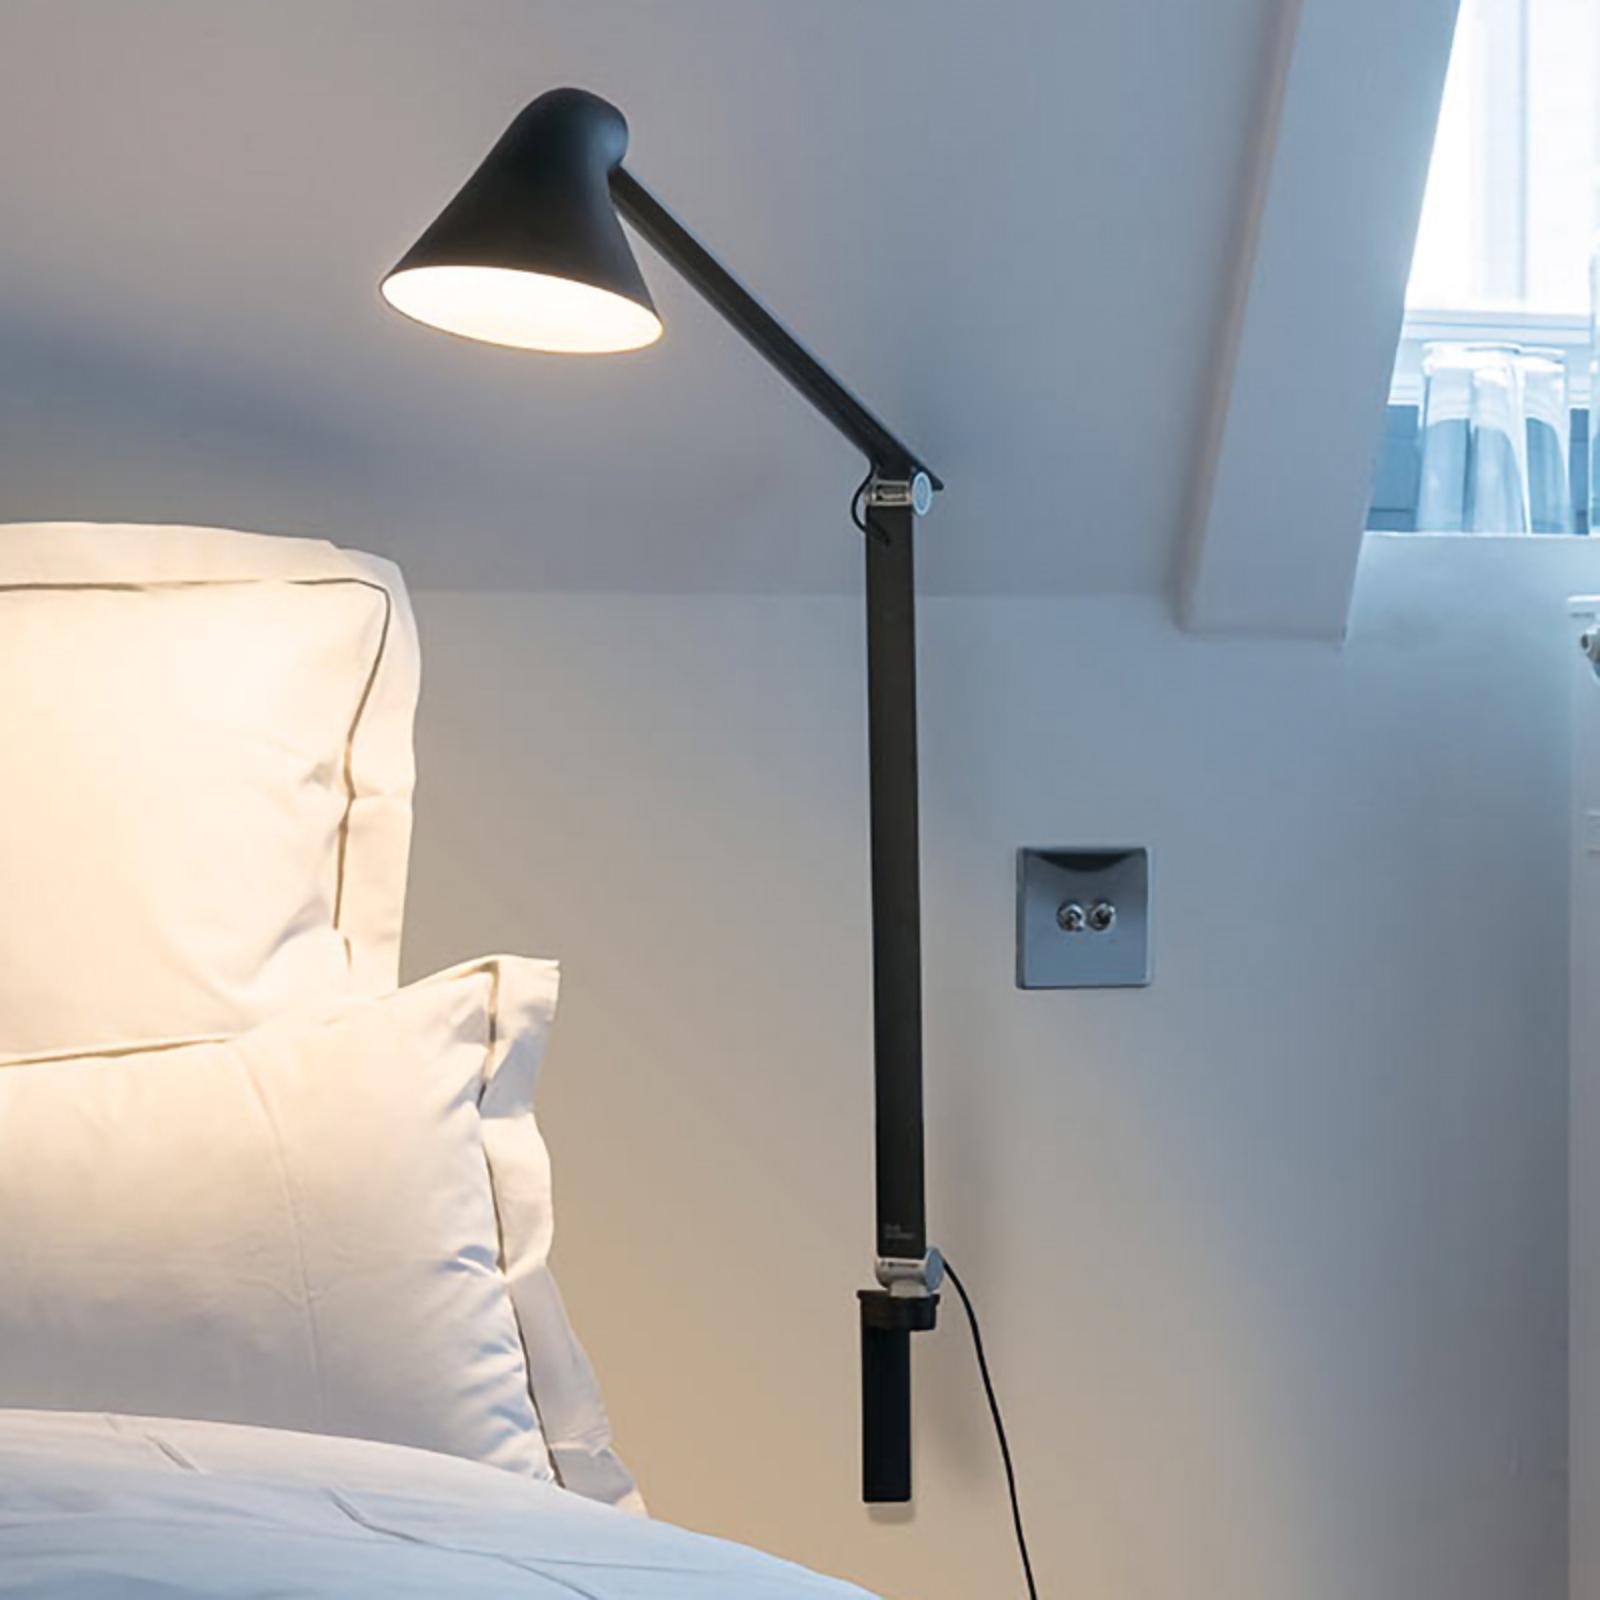 Louis Poulsen NJP LED-Wandlampe, Arm lang, schwarz